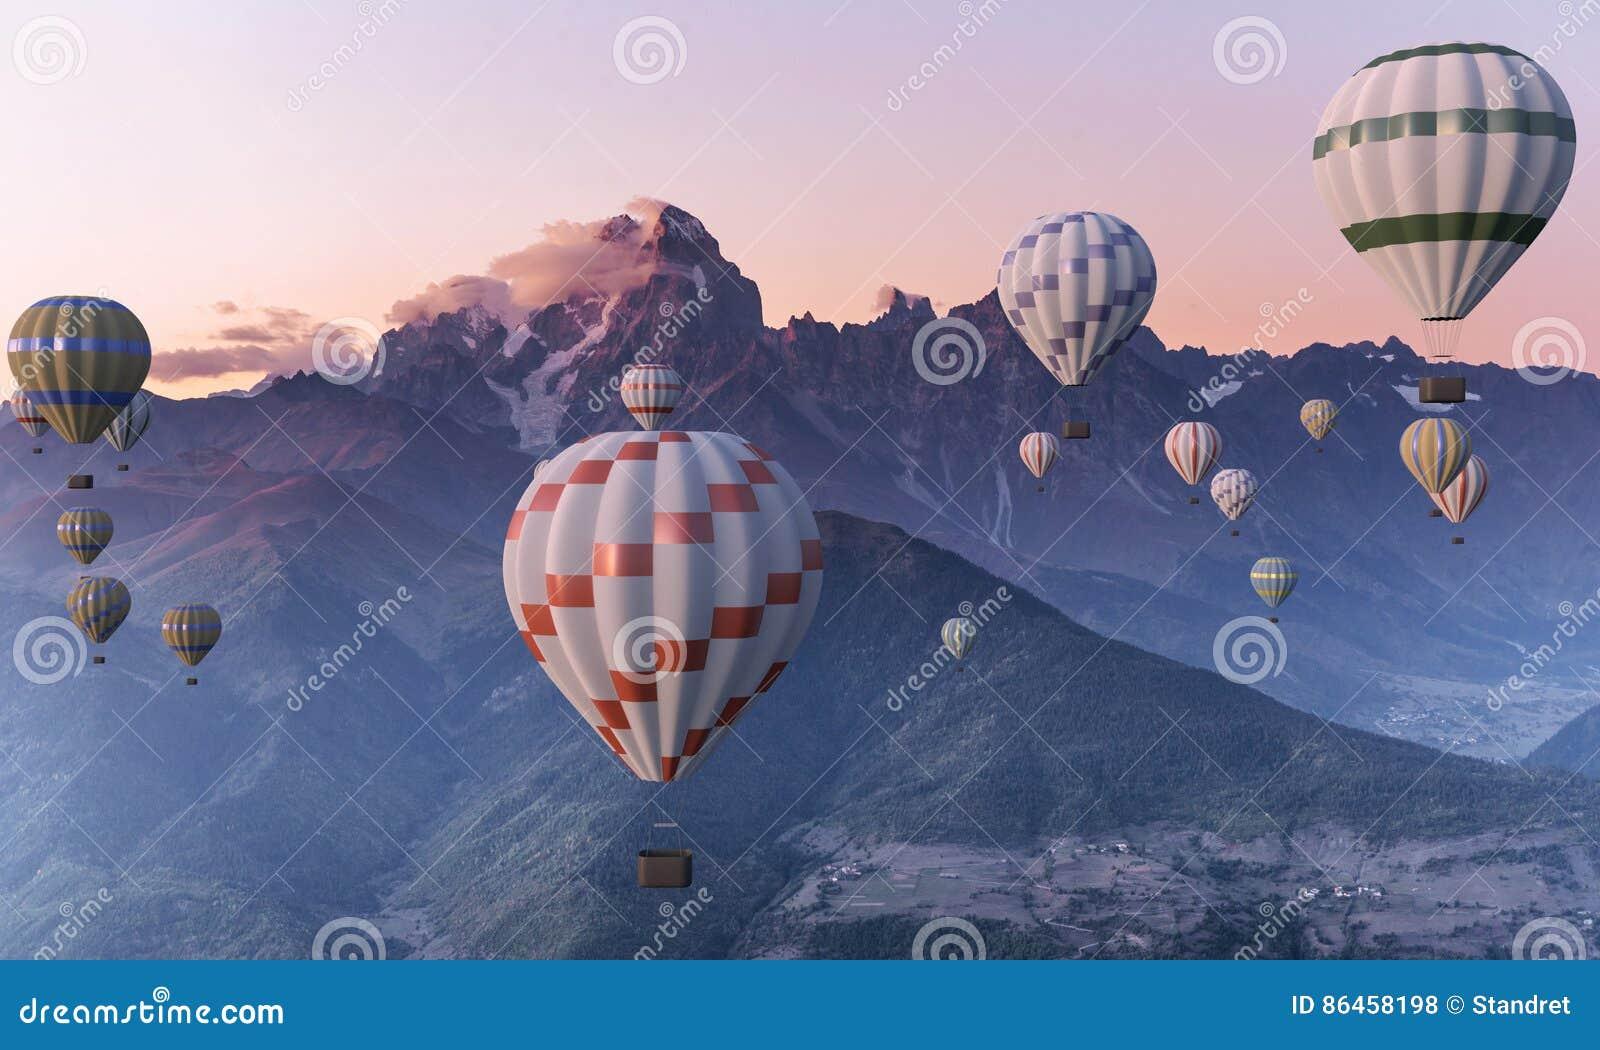 Kleurrijke luchtballonnen die over de berg vliegen